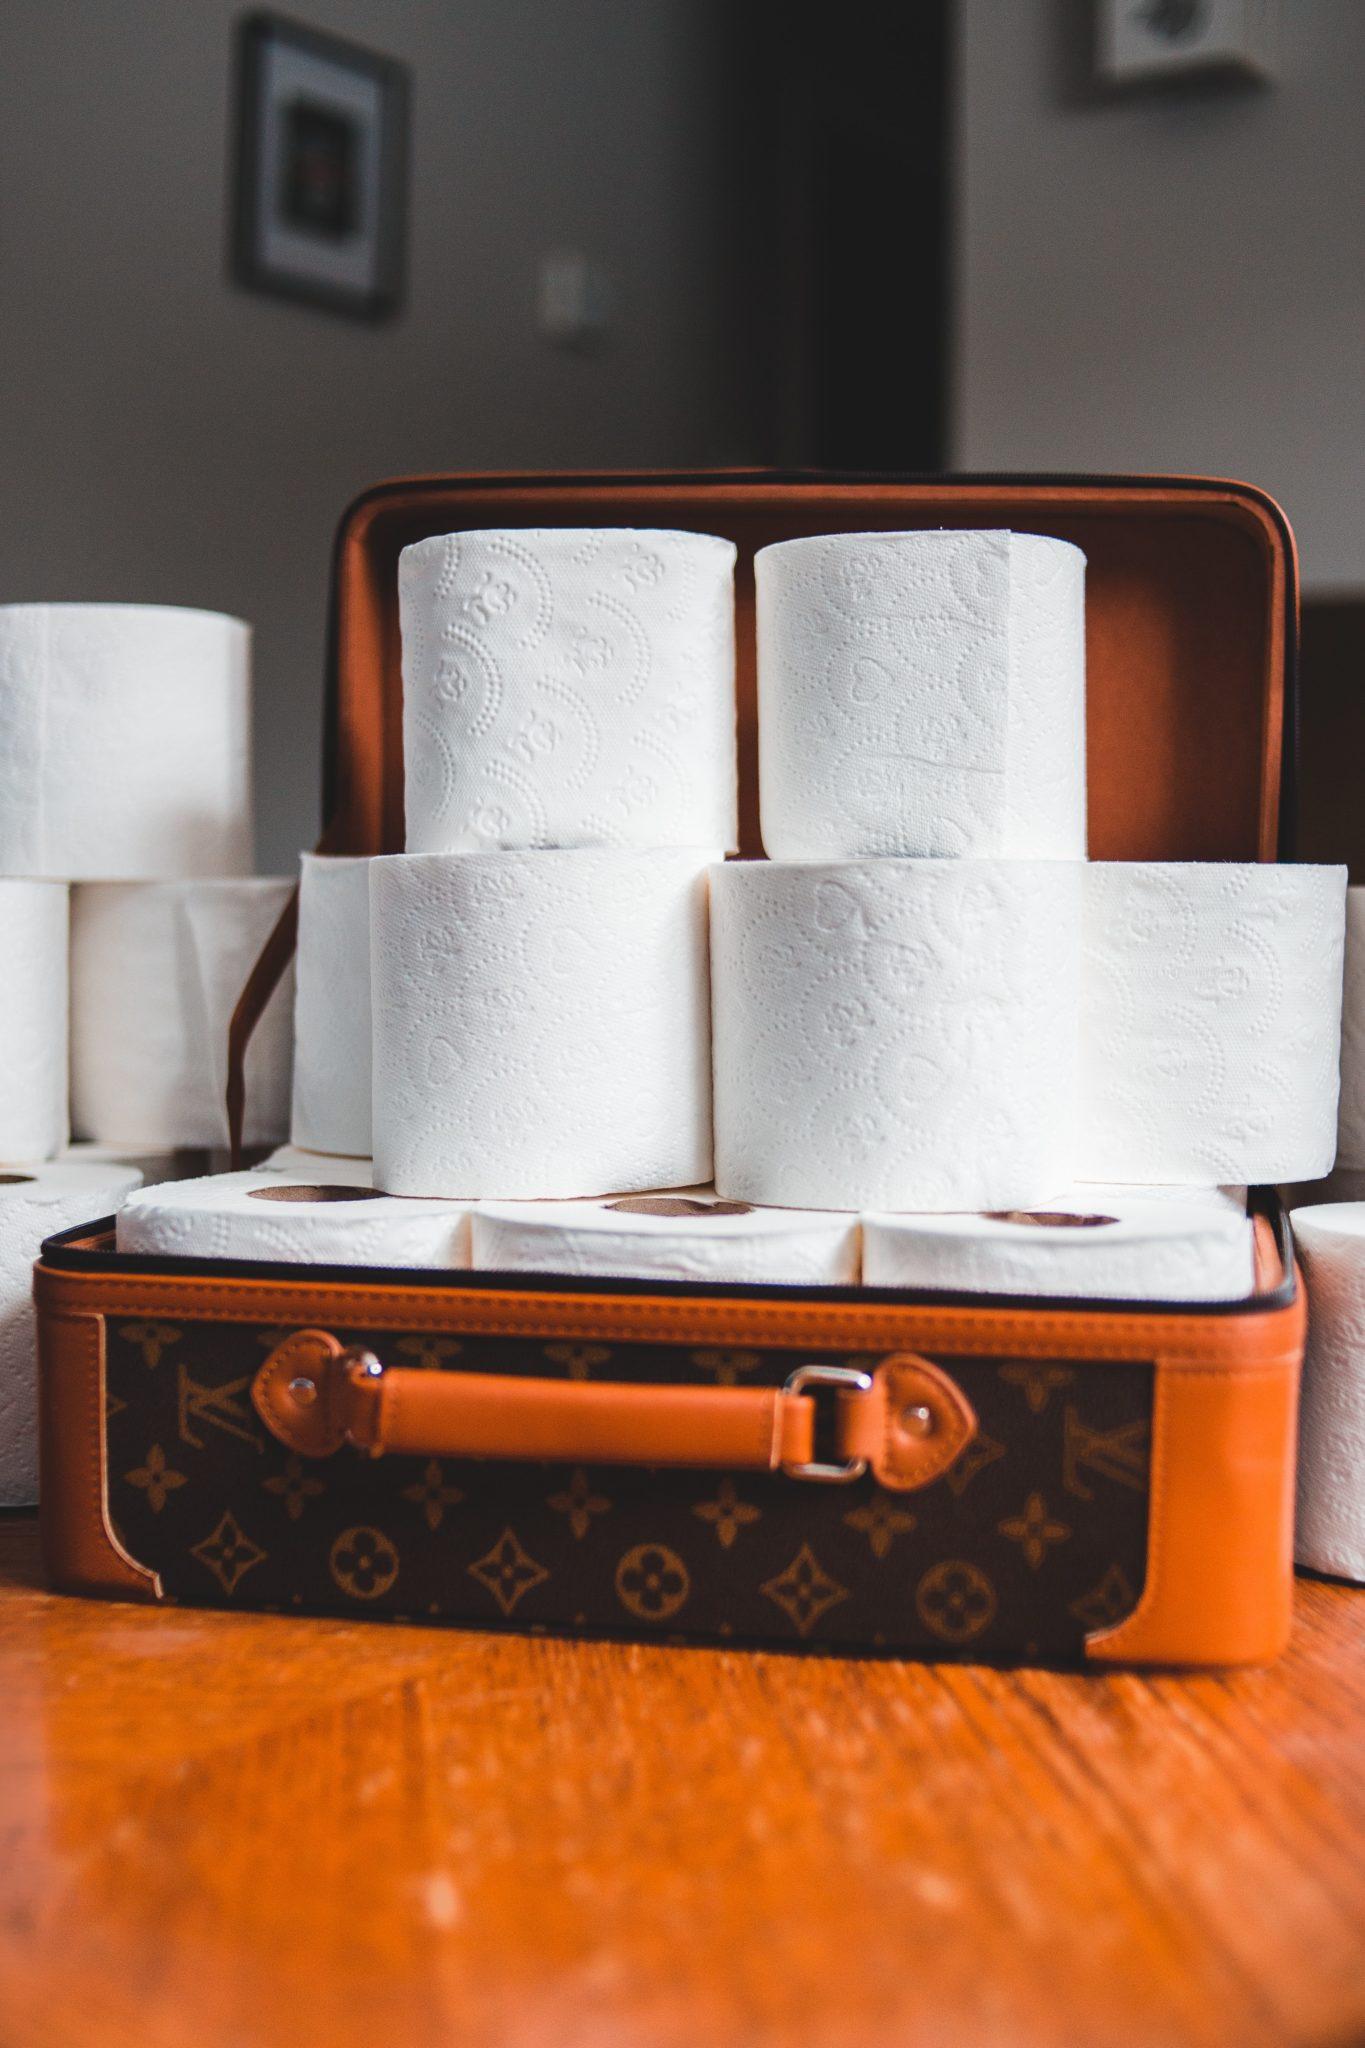 Toilettenpapierrollen in einem Koffer